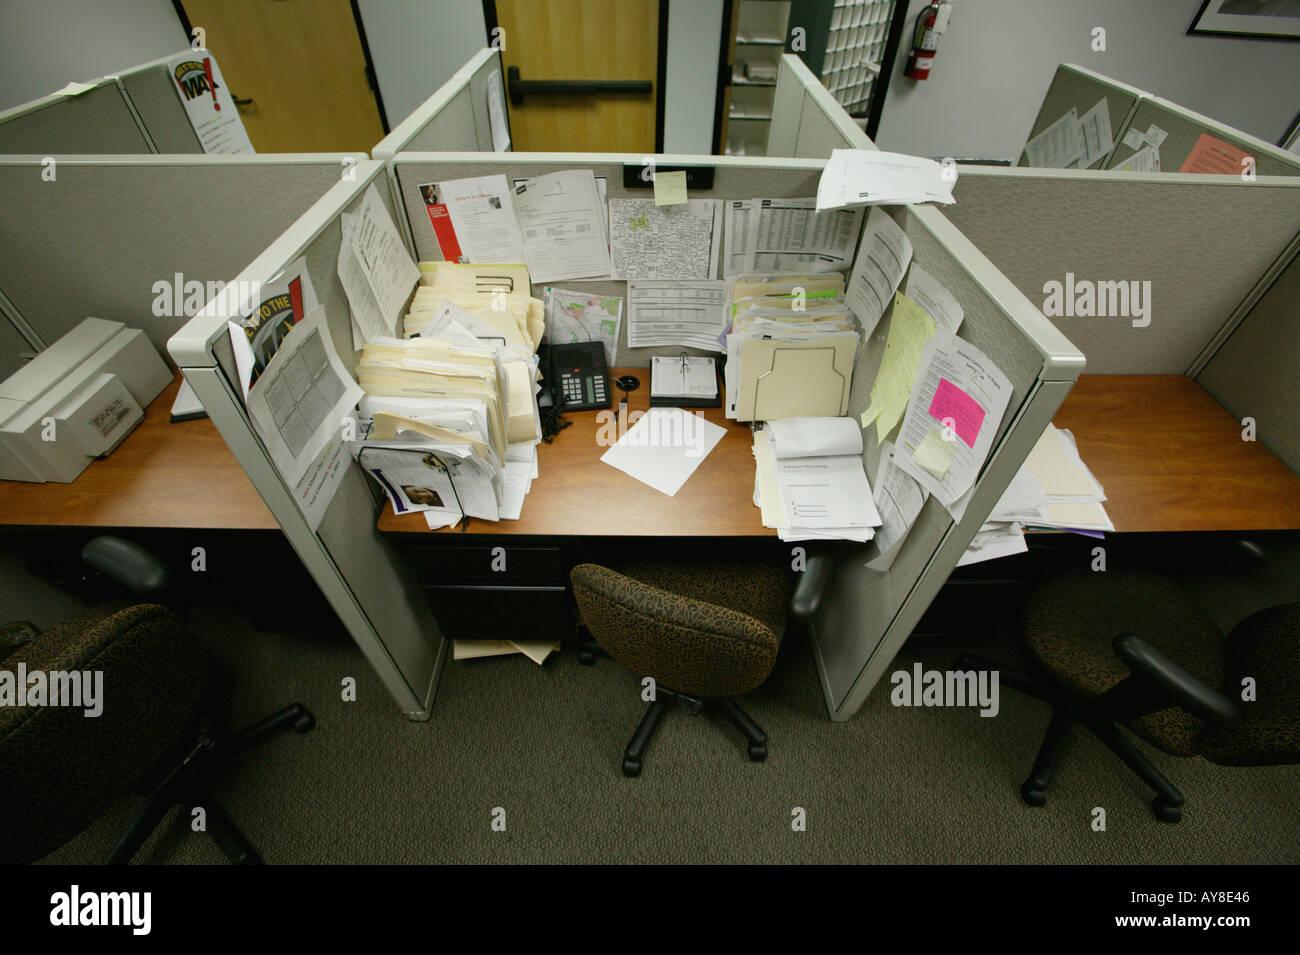 L'armoire en désordre dans les tours d'immeuble de bureaux Photo Stock